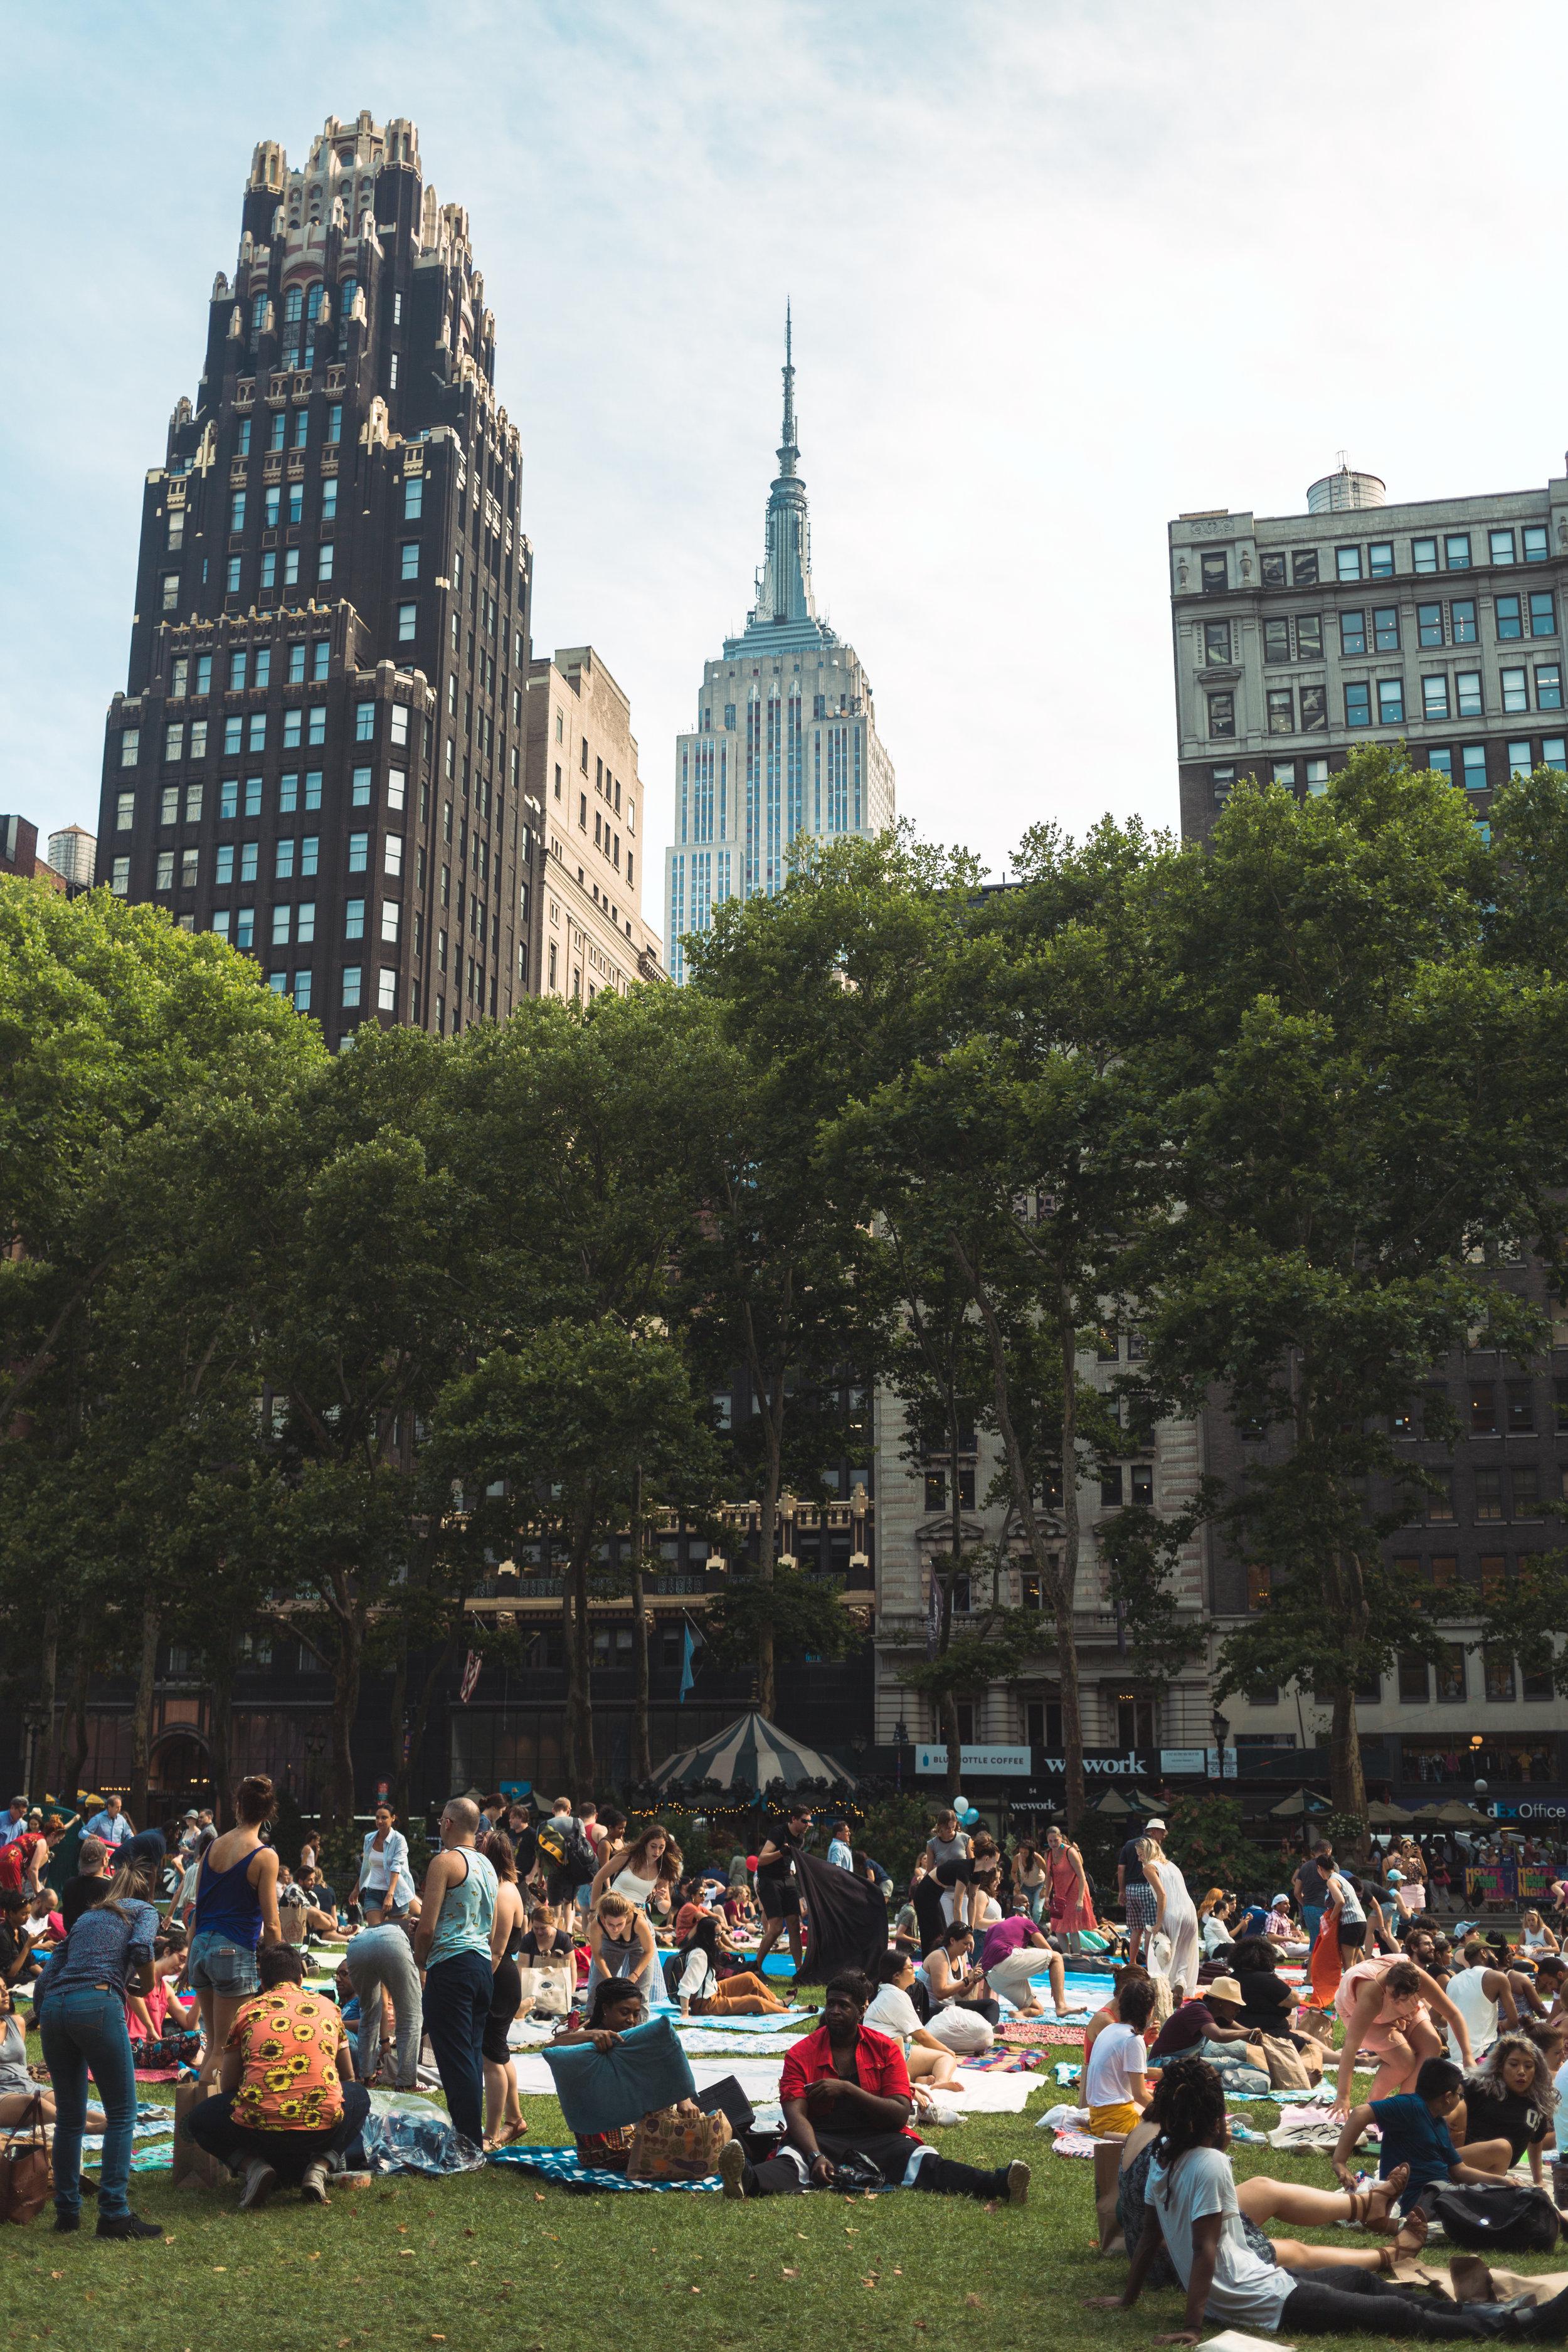 @kylebianchi - Bryant Park, NYC